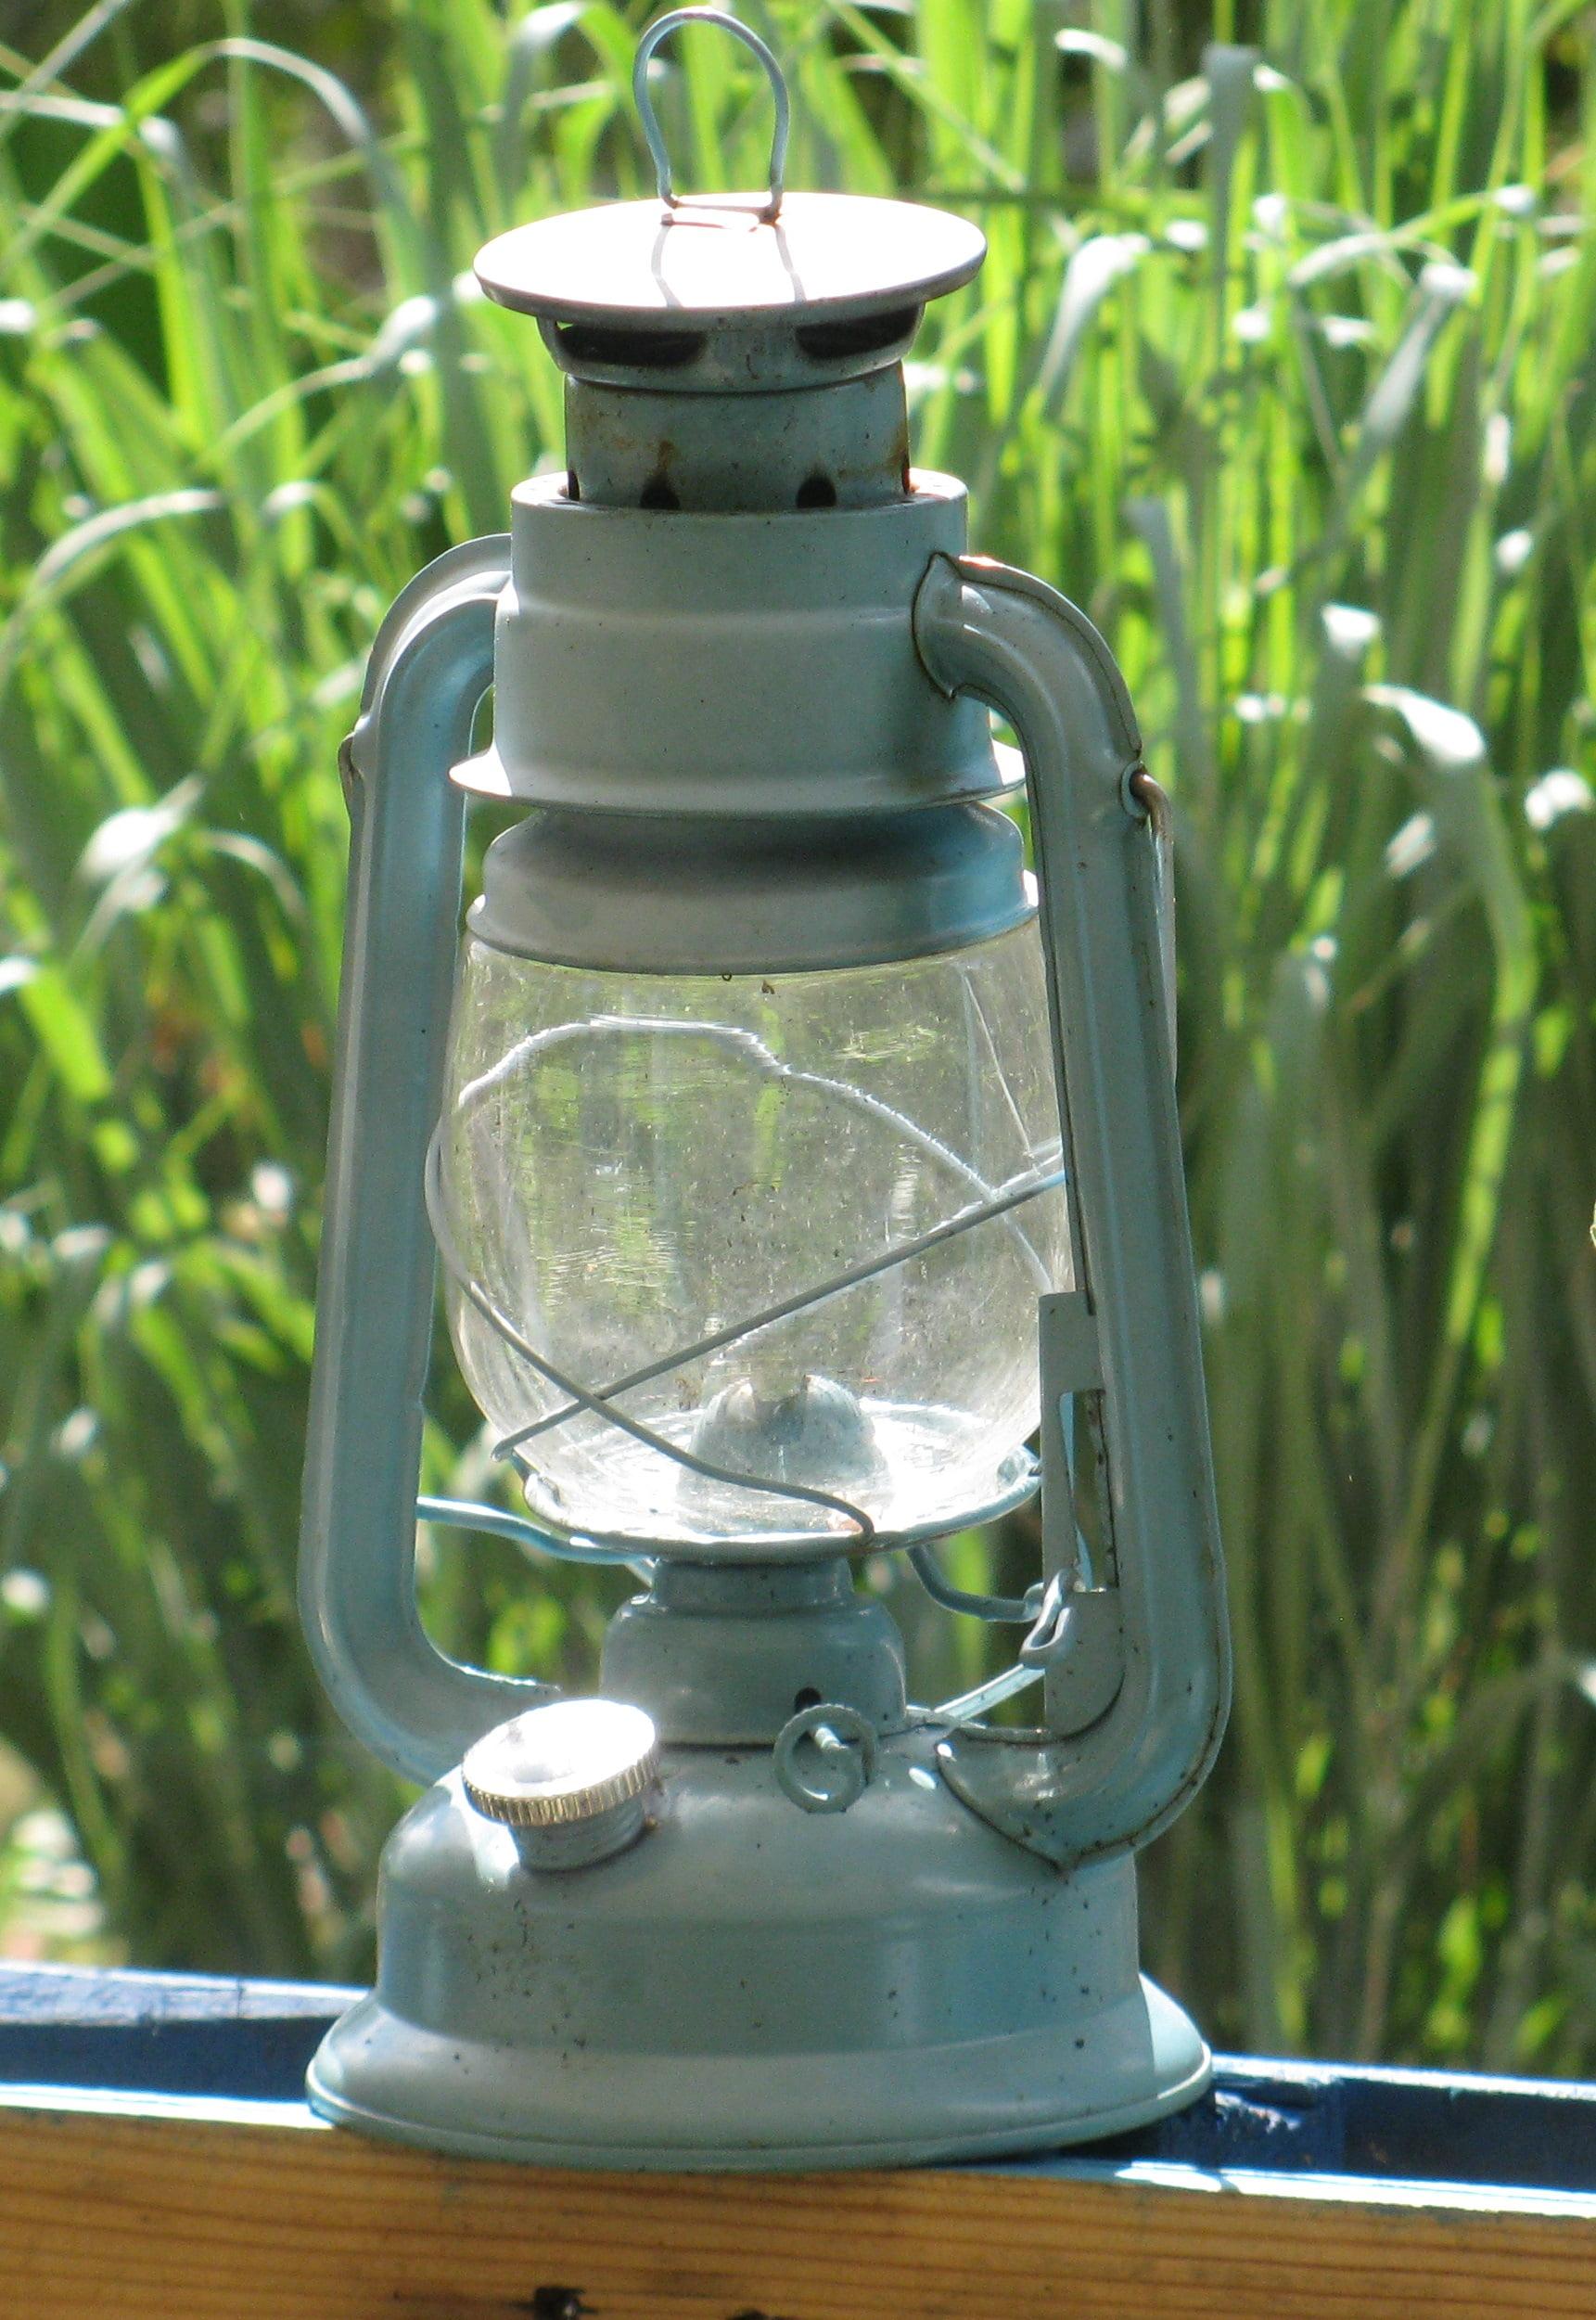 éclairage jardin solution sans électricité Blog equip jardin